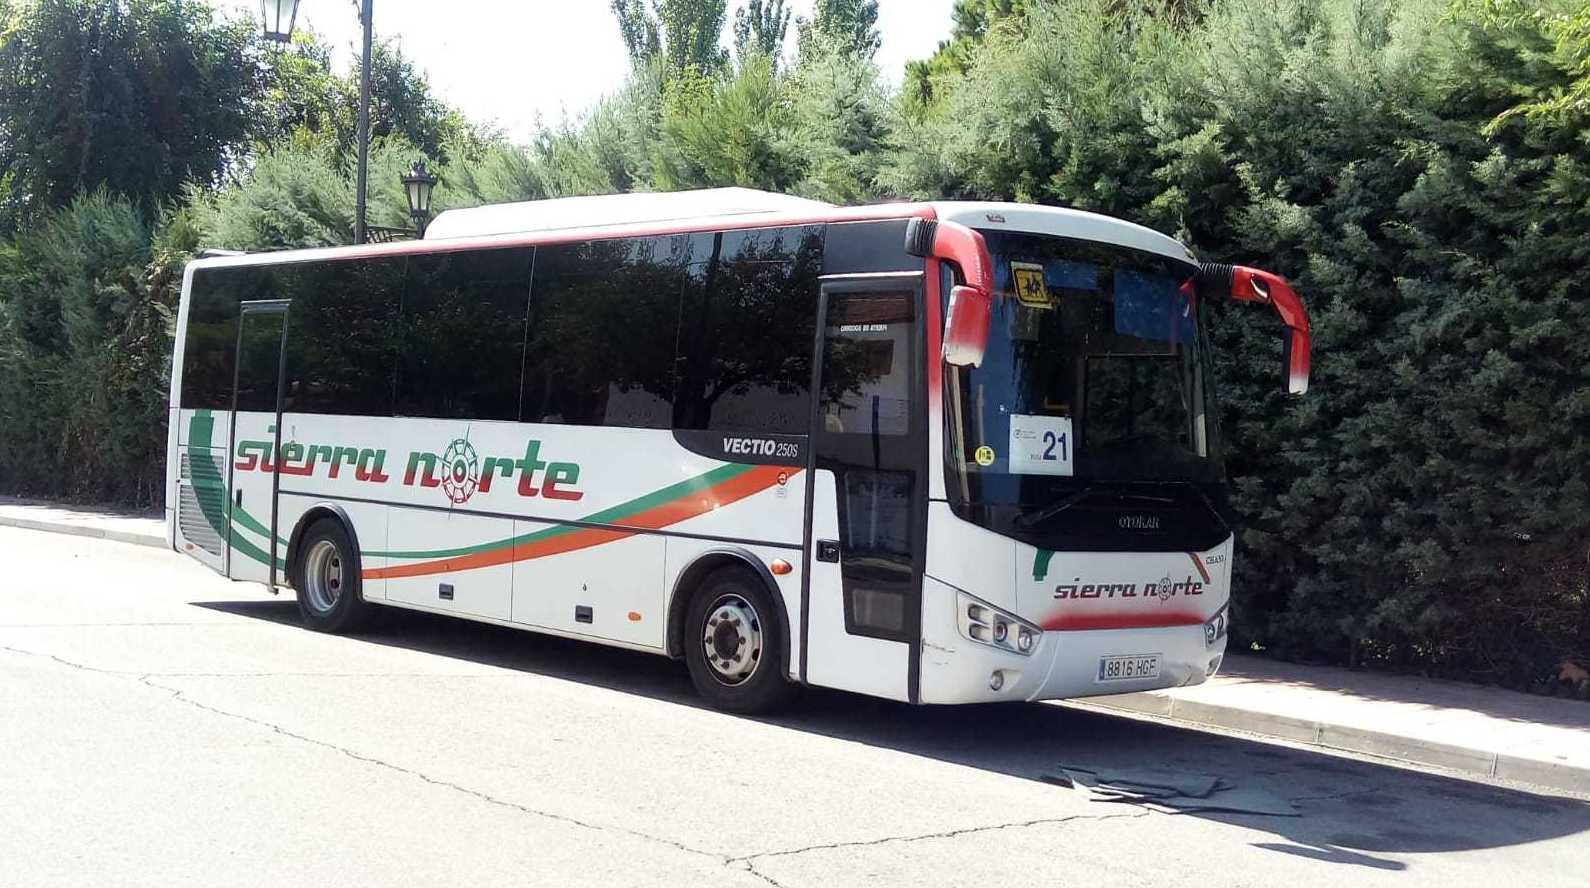 Foto 8 de Autocares en El Molar | Viajes Sierra Norte